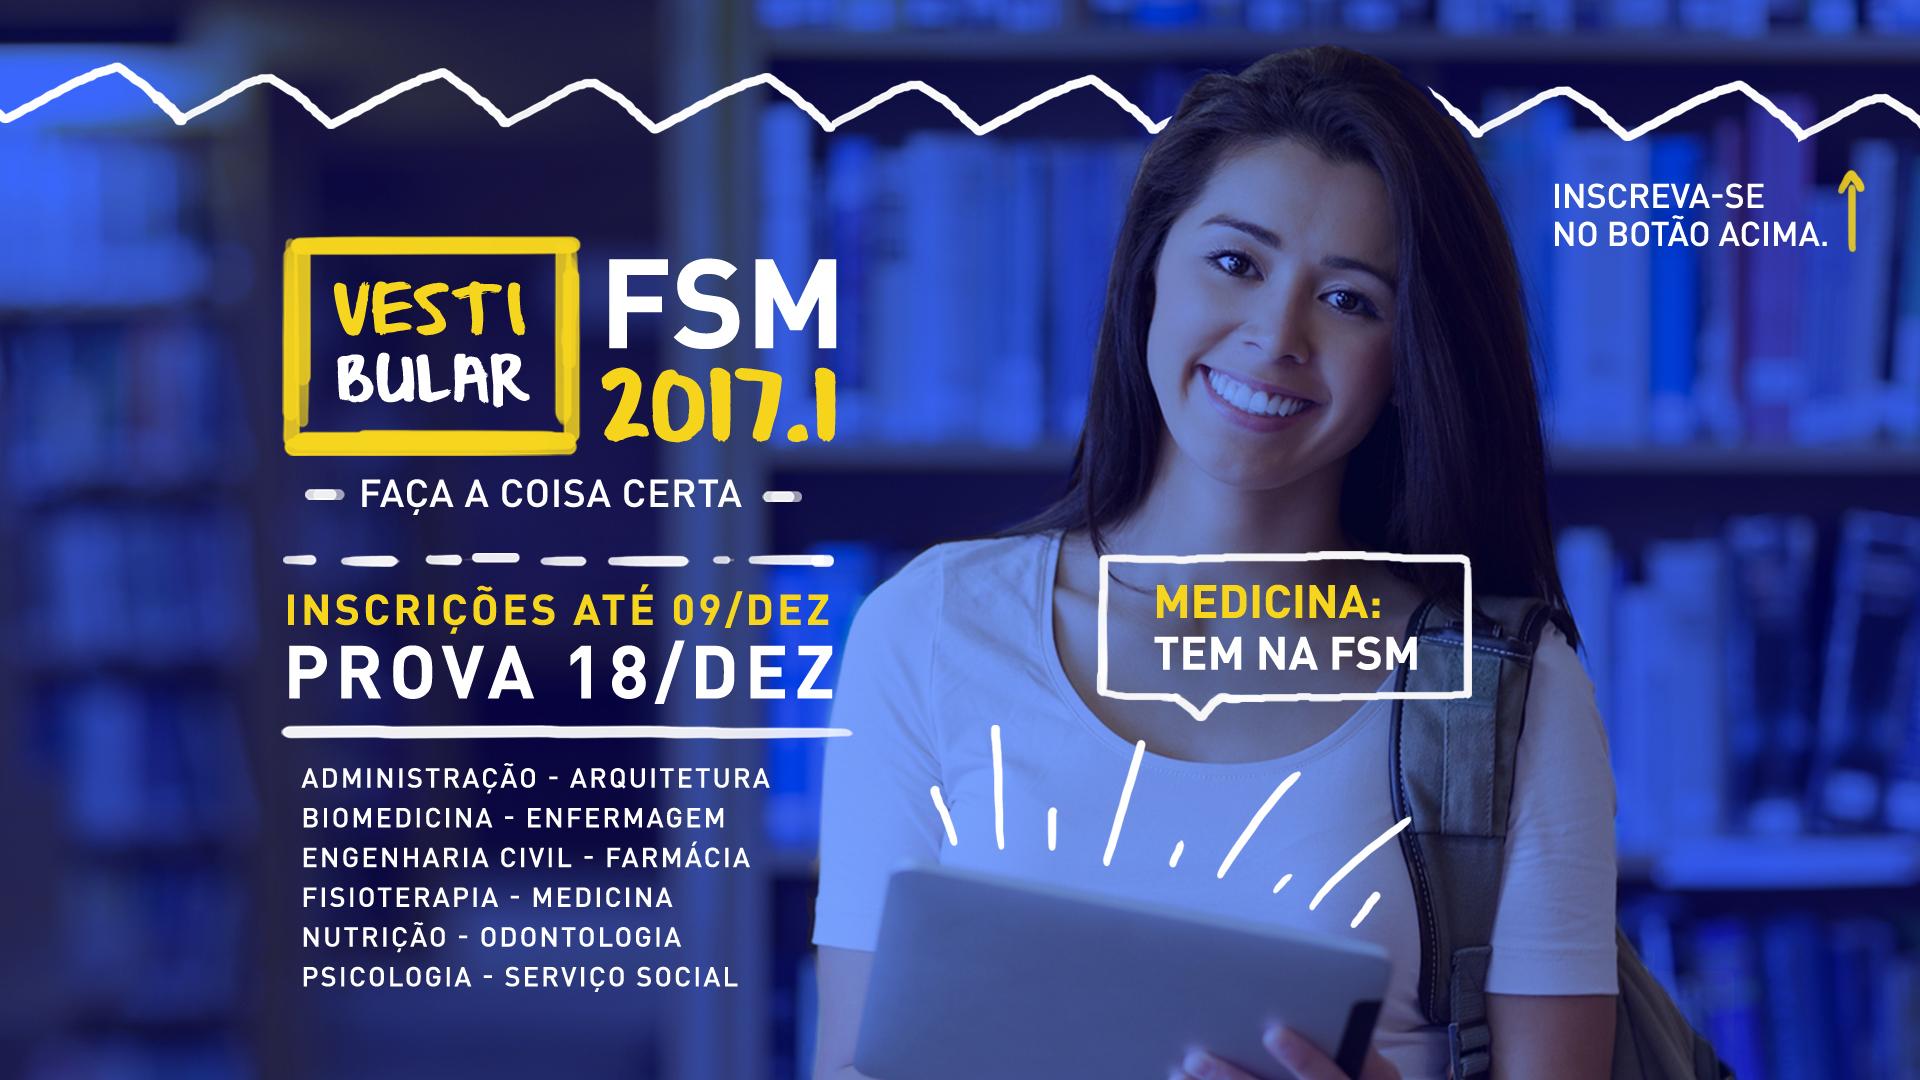 Vestibular 2017.1